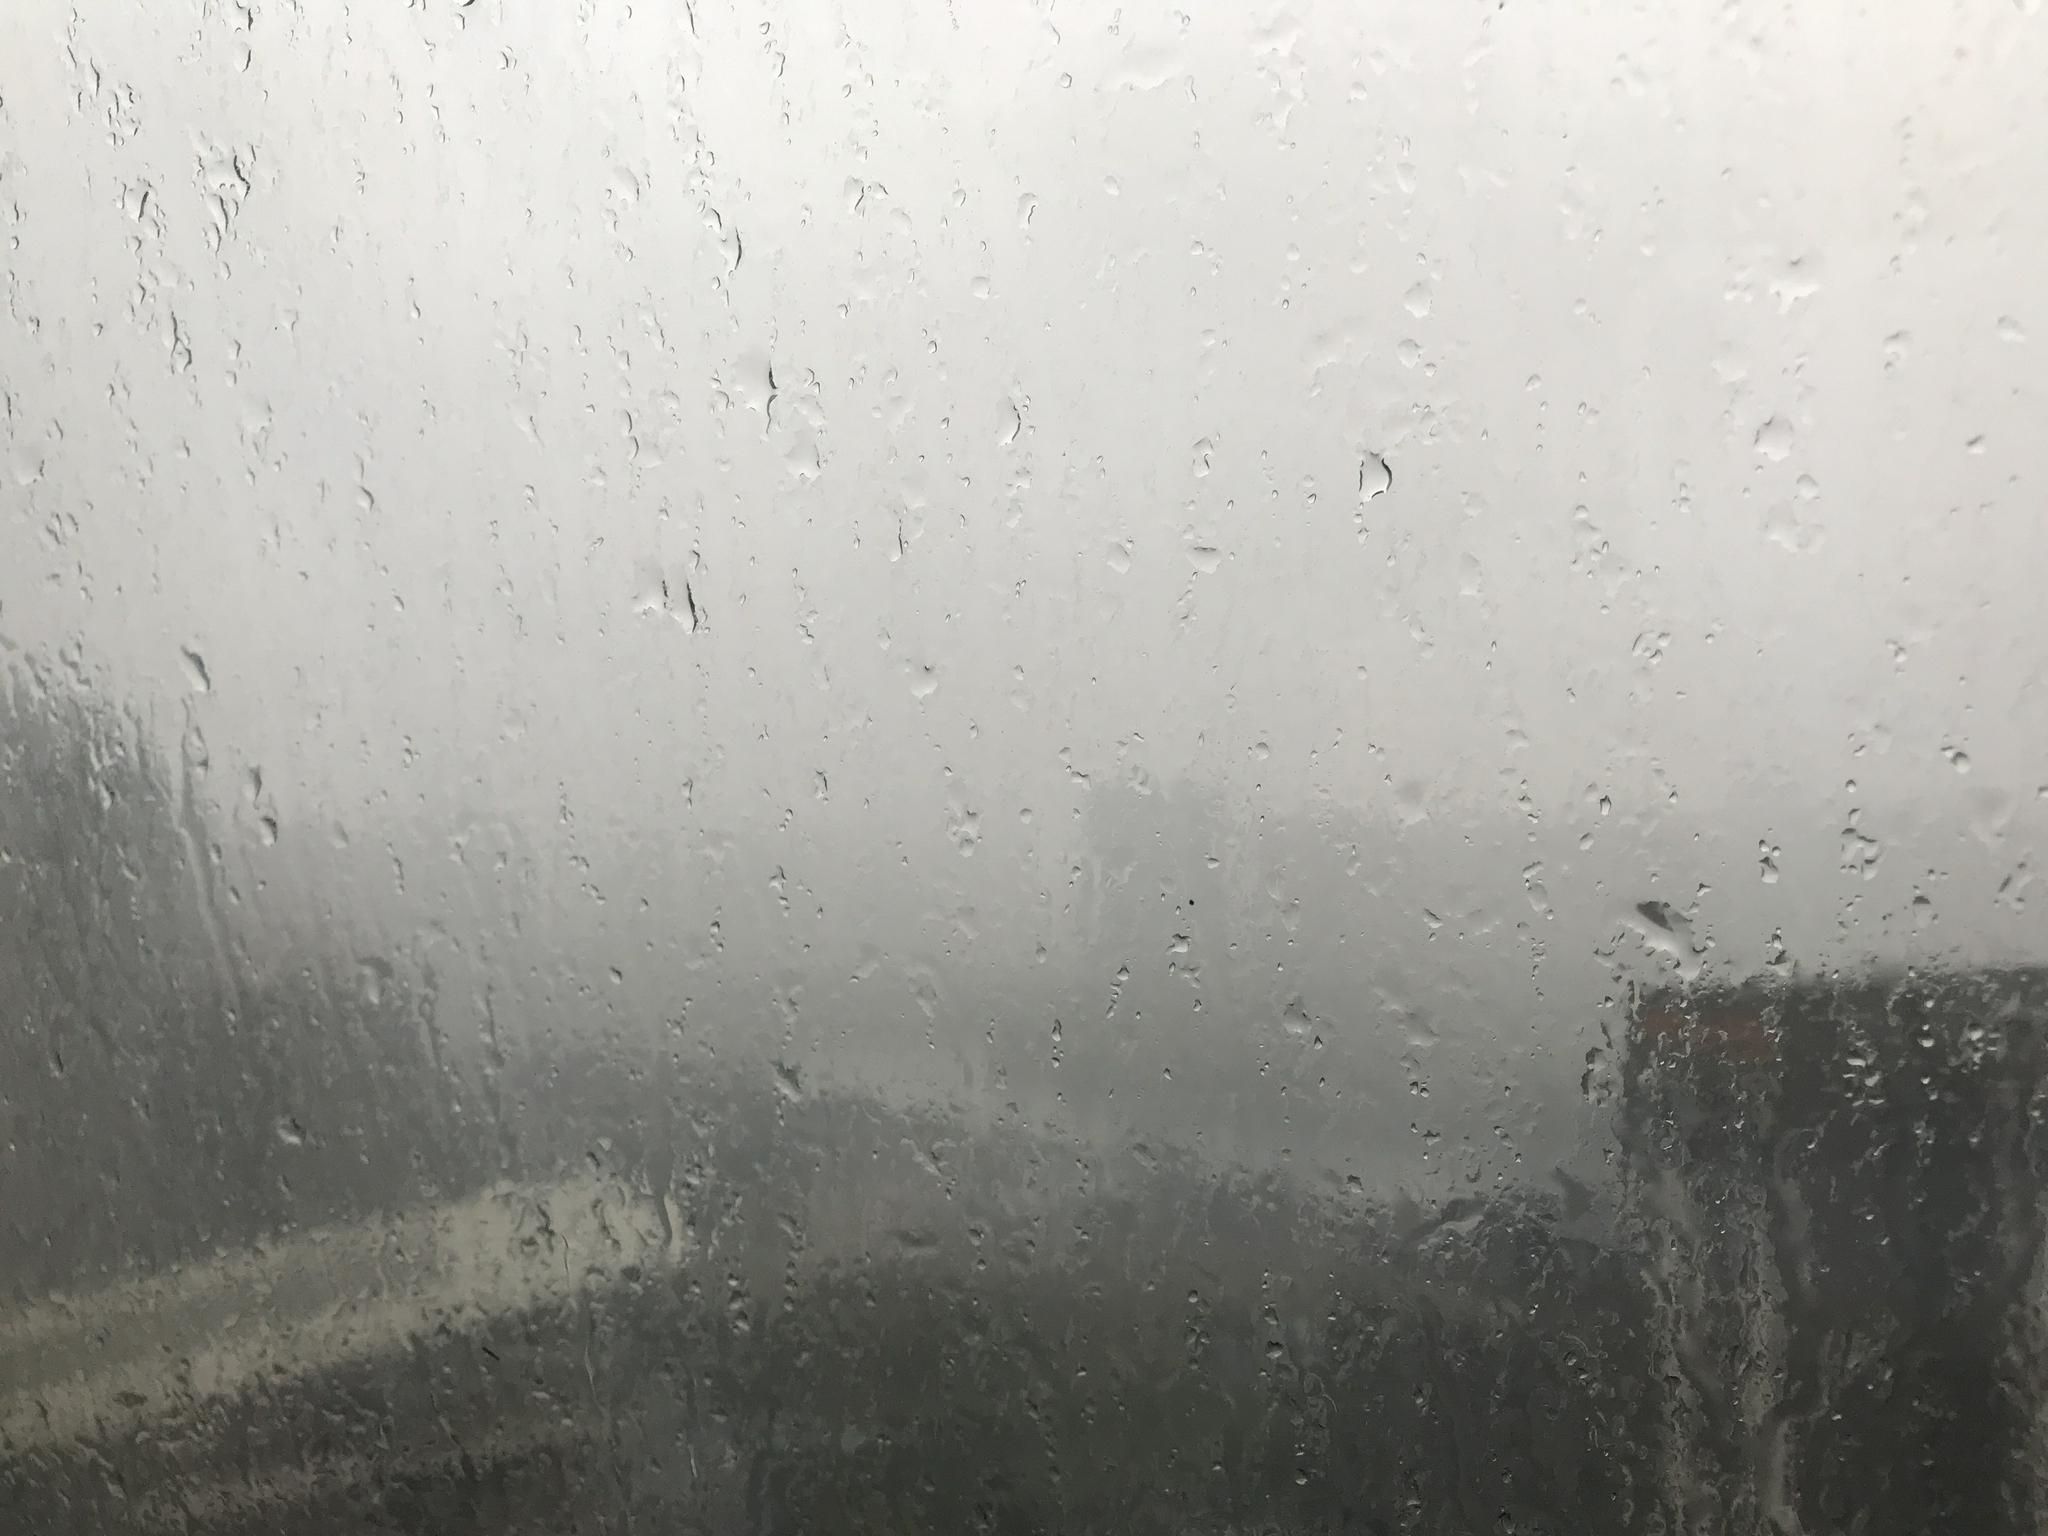 华北黄淮等地局部有大雾 江南南部华南等地持续高温